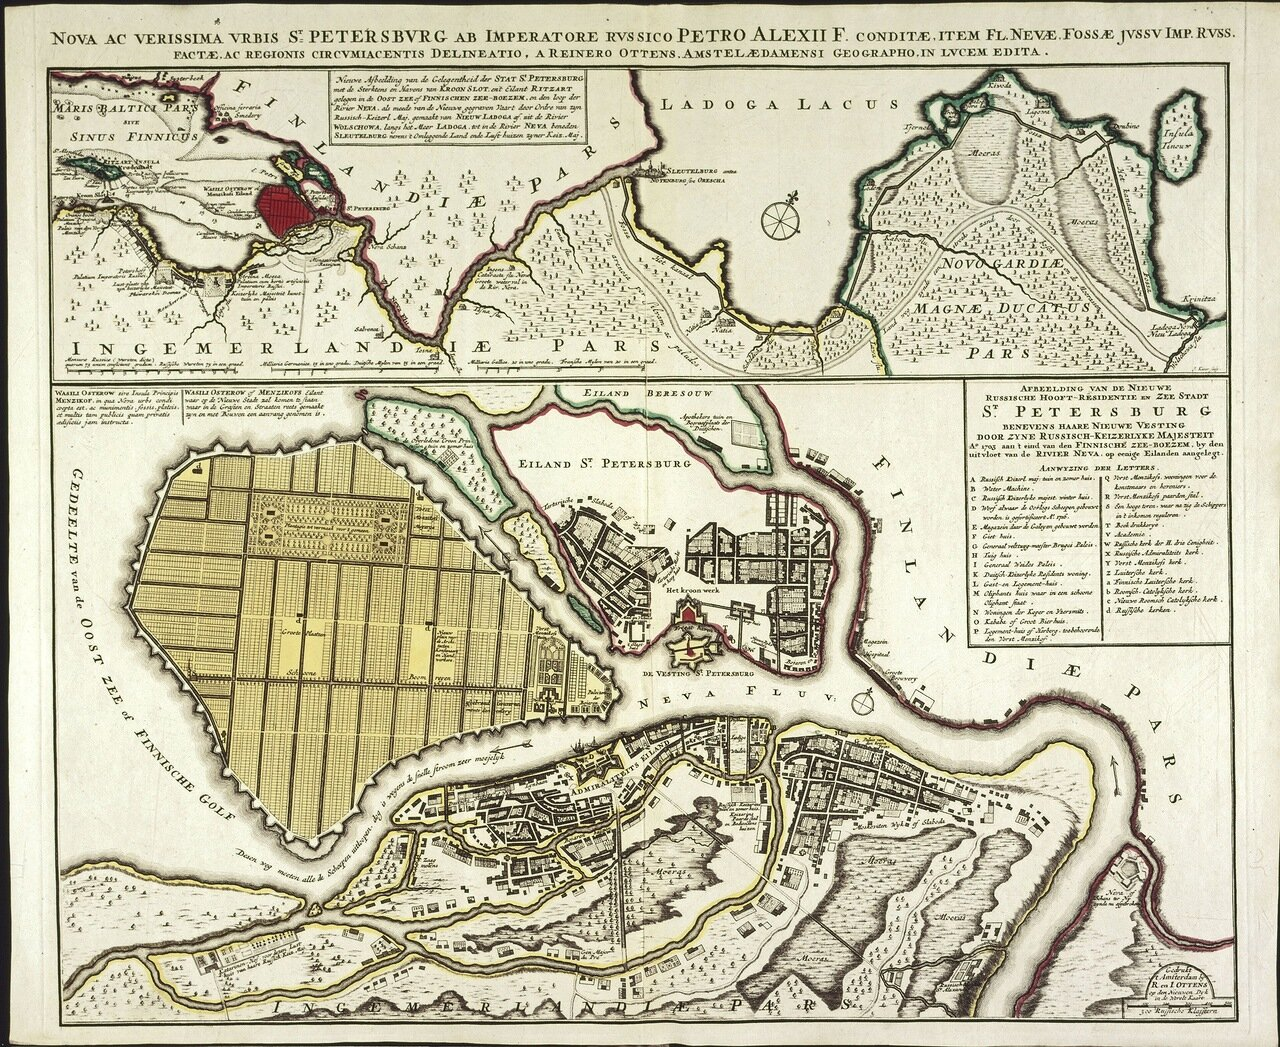 1725. Нева и Санкт-Петербург, основанный русским императором Петром Алексеевичем